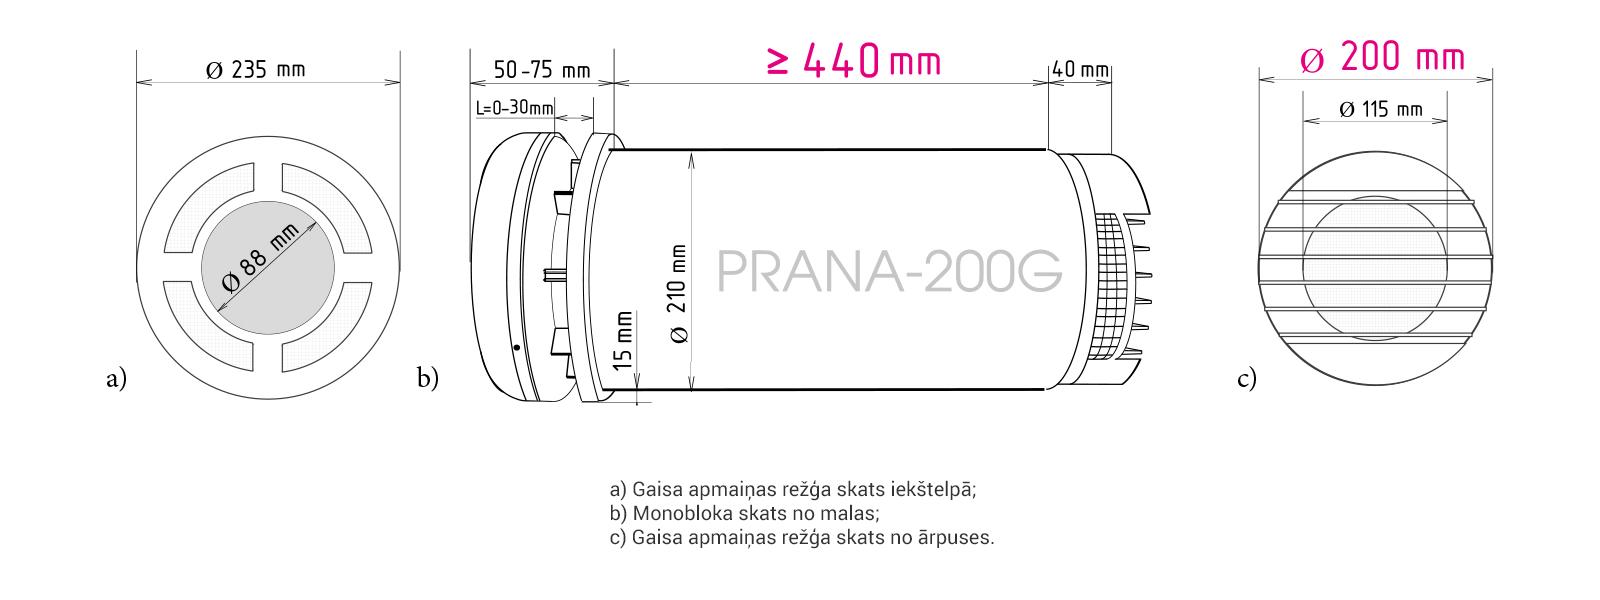 Rekuperatora Prana-200G shēma  1